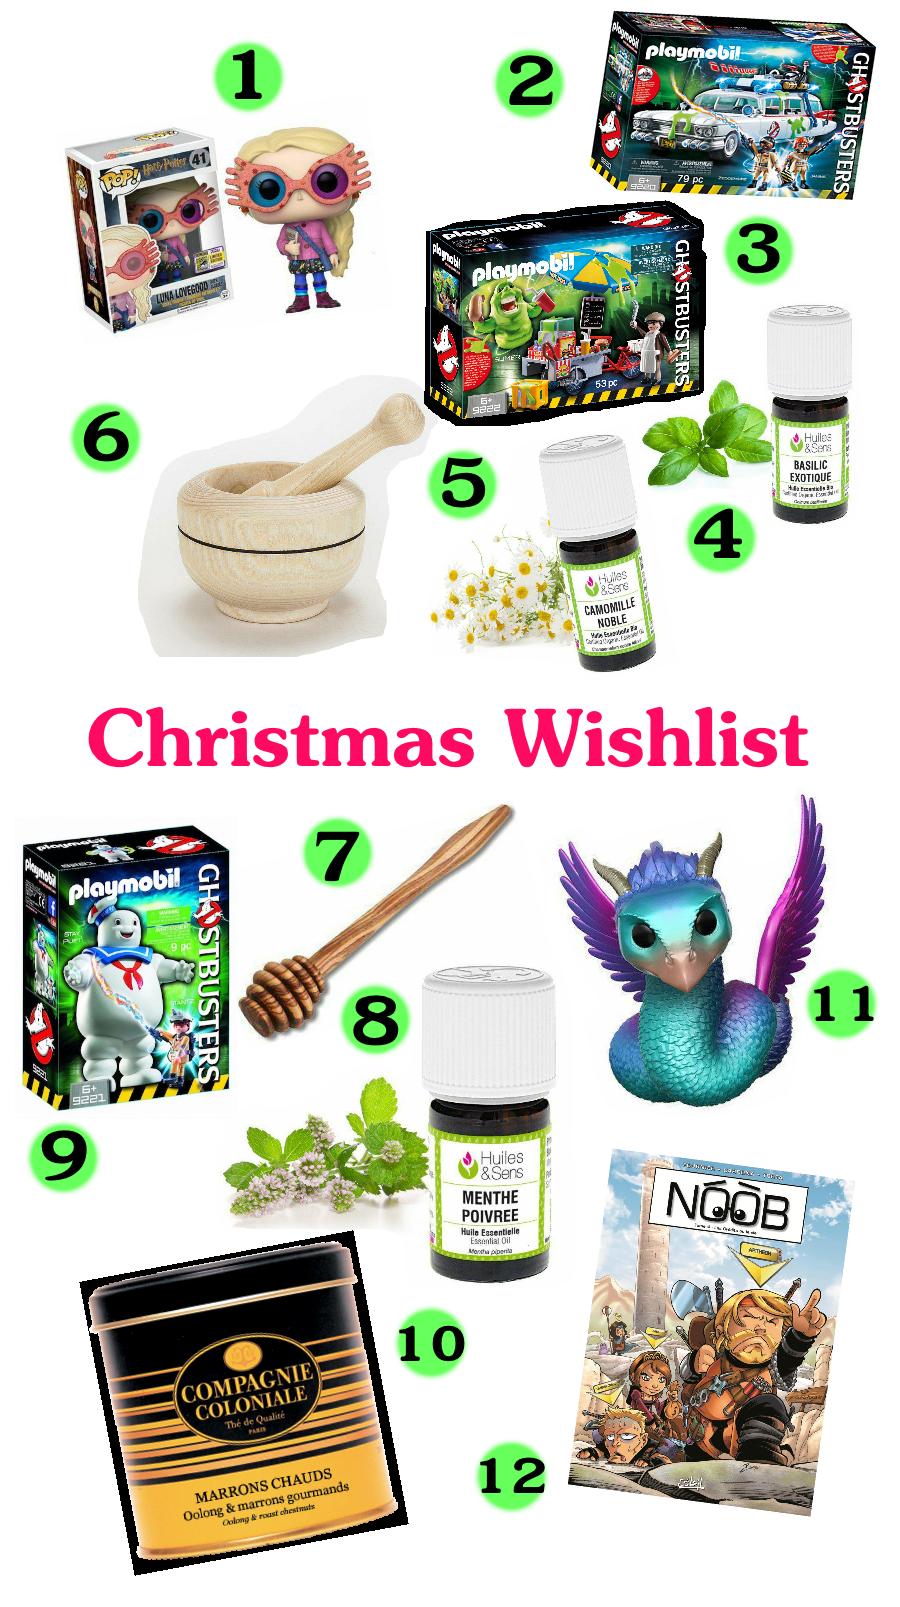 Mes Envies Noel Mes envies du moment #5 / Wishlist de Noël | Noel, Menthe poivrée